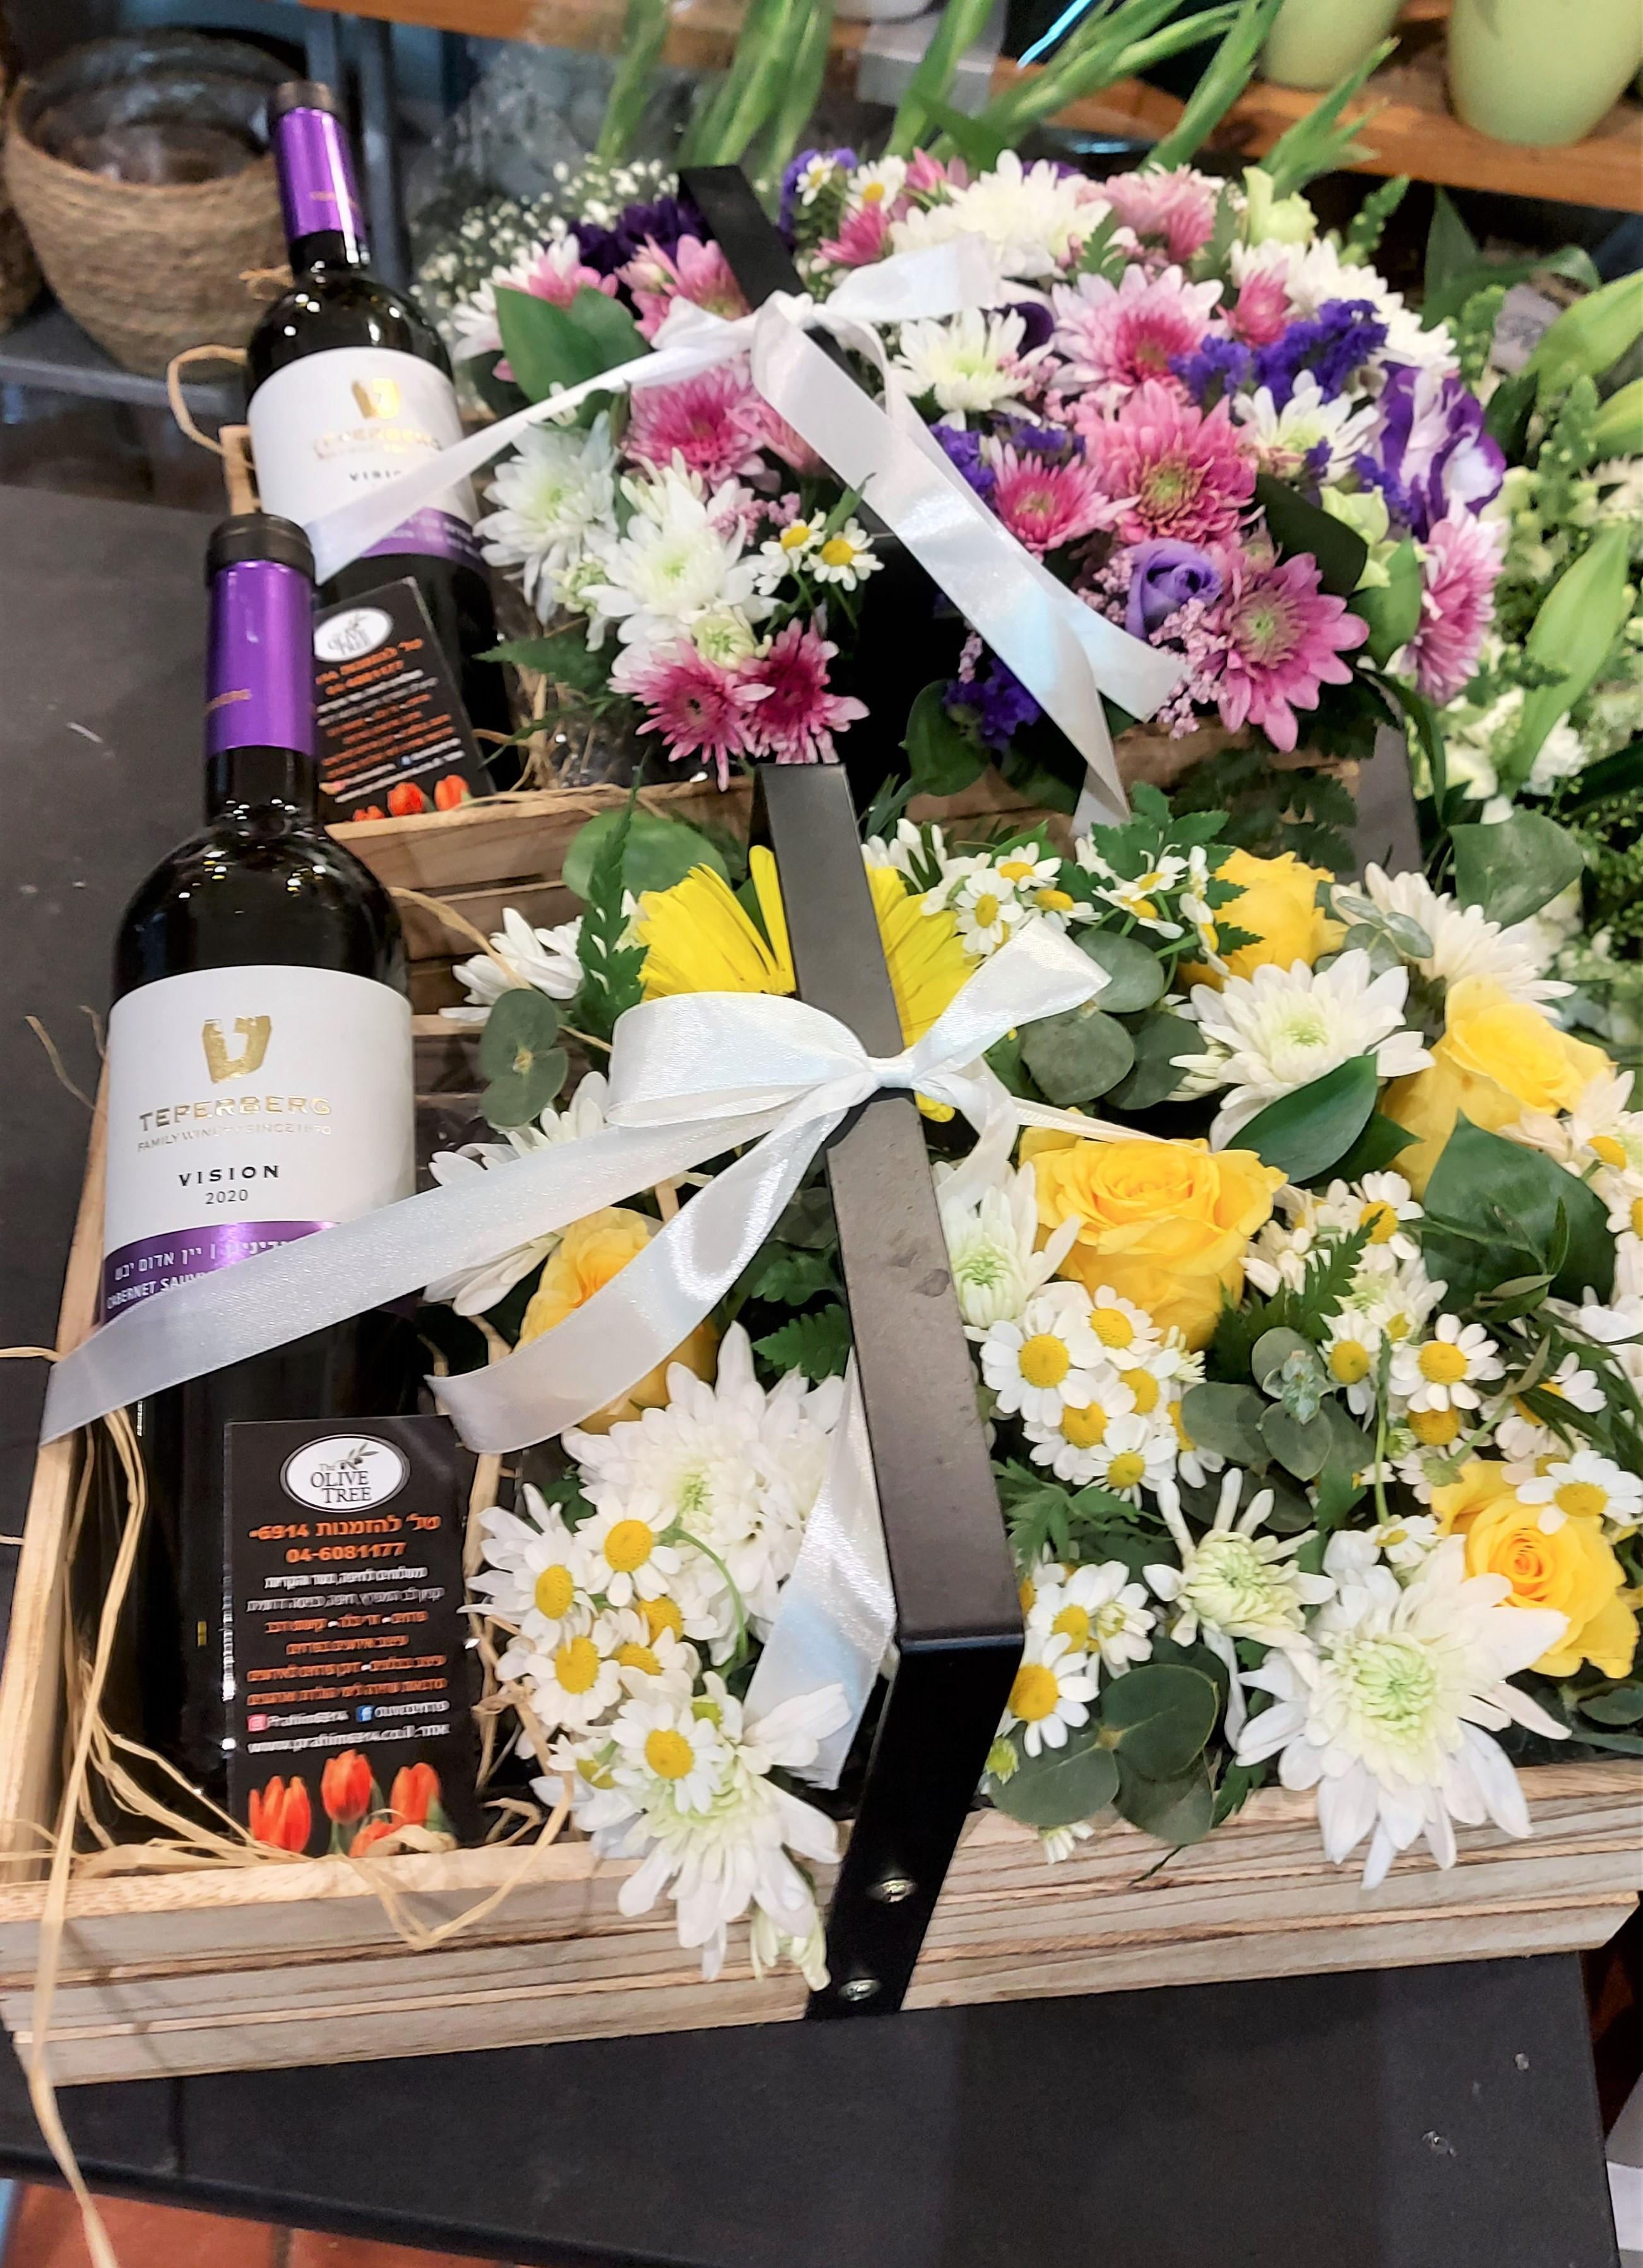 מארז פרחים ויין בארגז עץ